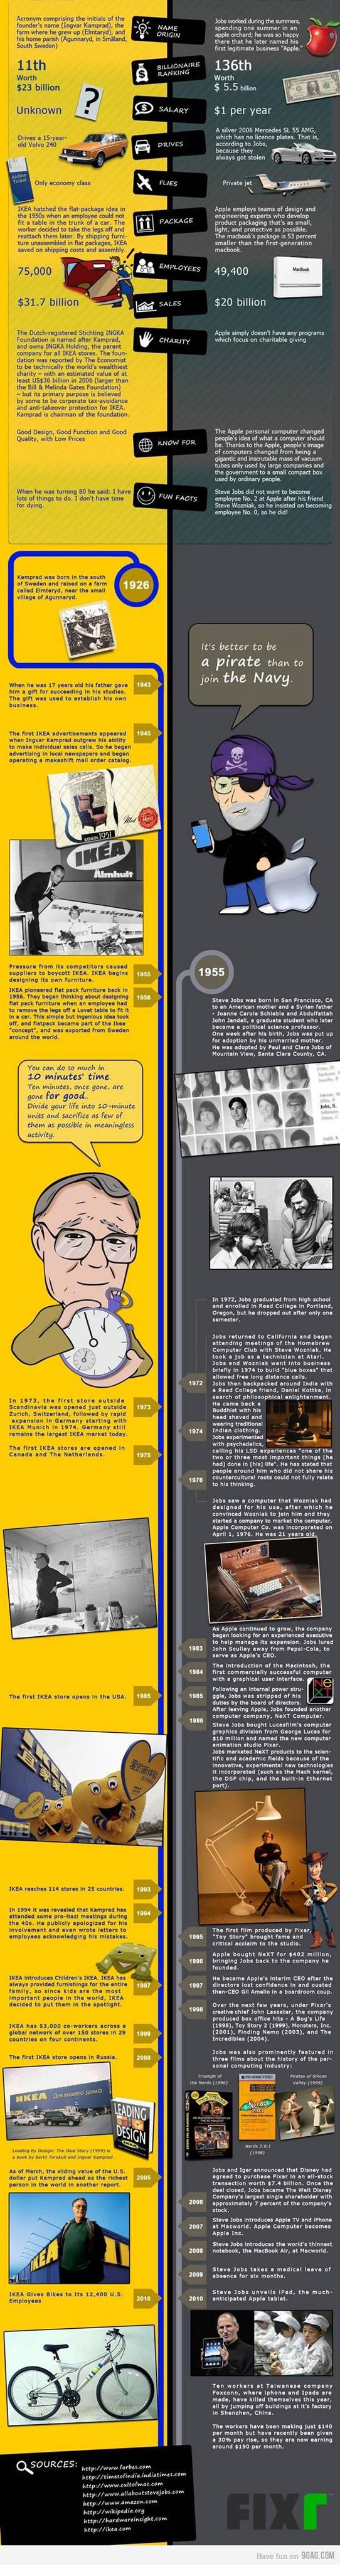 Apple und IKEA: Die Erfolgsgeschichten von Ingvar Kamprad und Steve Jobs #infografik